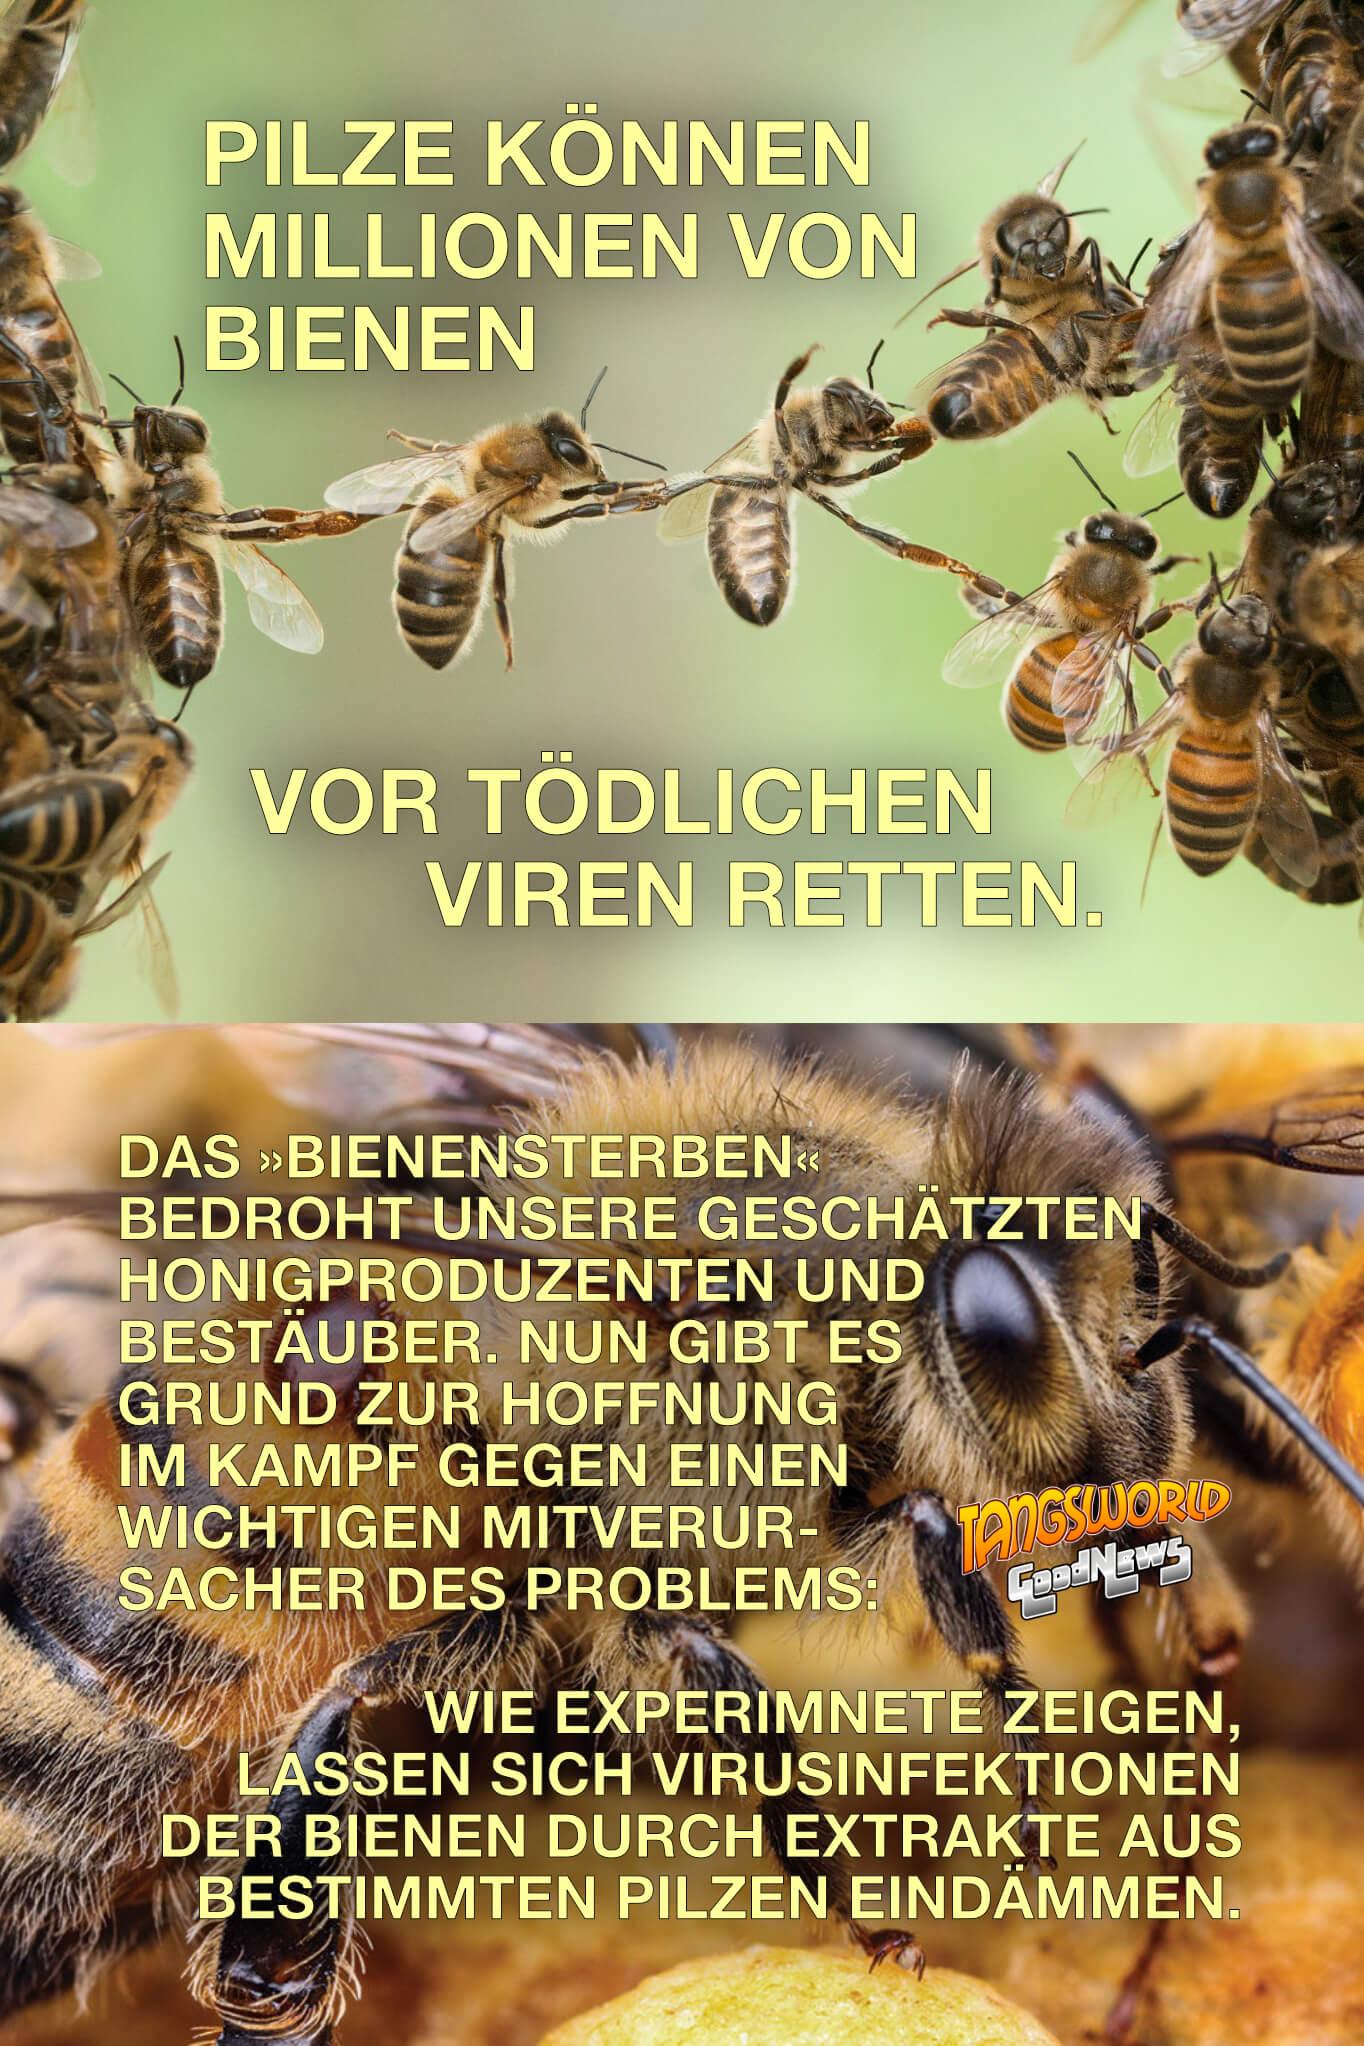 """Pilze können Millionen von Bienen vor tödlichen Viren retten. Das sogenannte """"Bienensterben"""" bedroht unsere geschätzten Honigproduzenten und Bestäuber. Nun gibt es Grund zur Hoffnung im Kampf gegen einen wichtigen Mitverursacher des Problems: Wie Experimnete zeigen, lassen sich Virusinfektionen der Bienen durch Extrakte aus bestimmten Pilzen eindämmen. - GoodNews"""